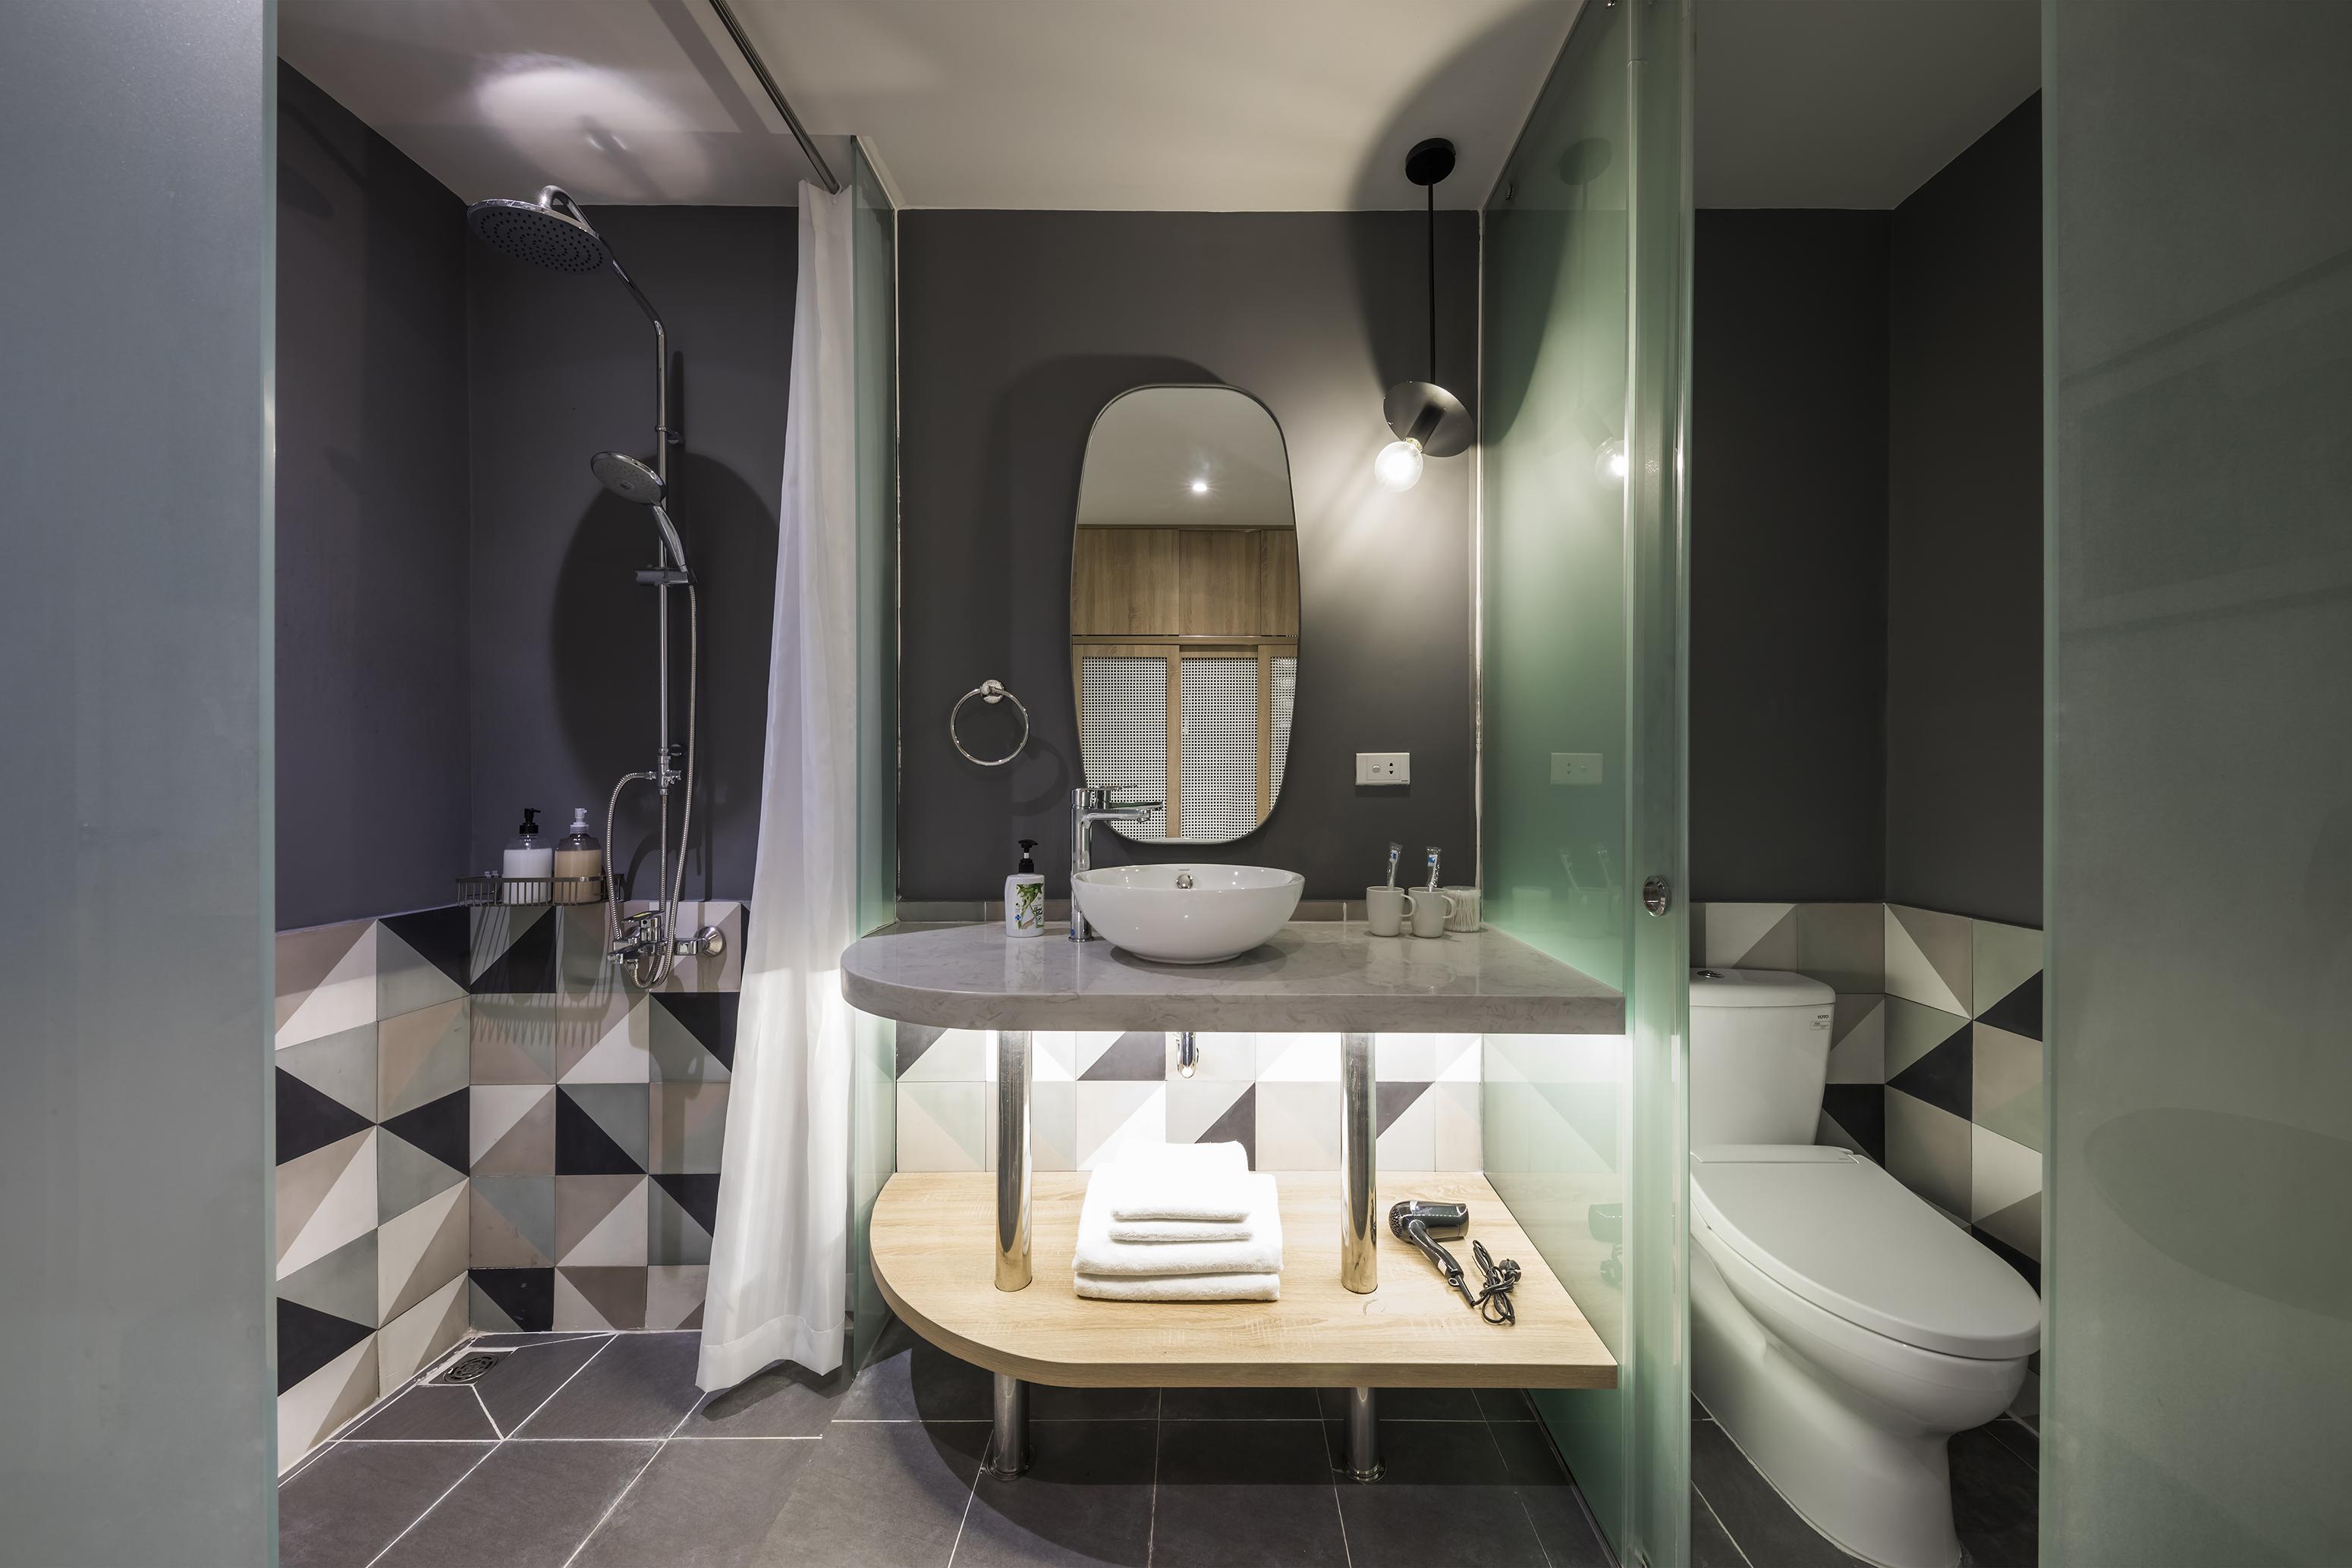 Suite restroom